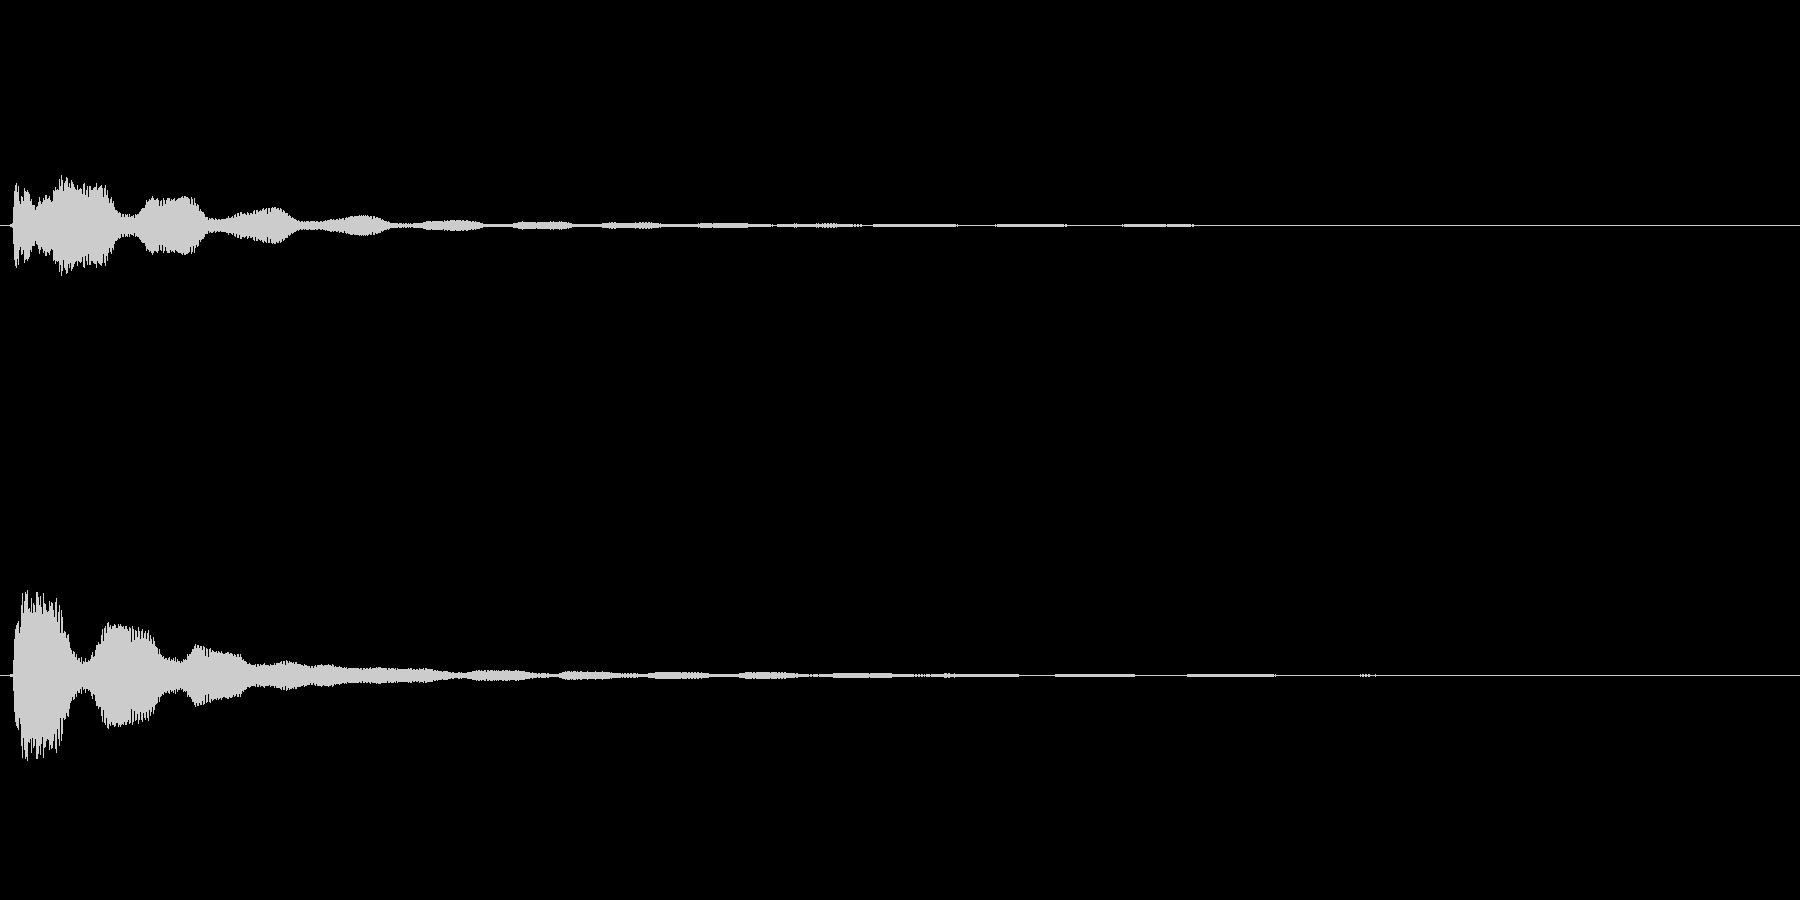 キラキラ系_060の未再生の波形